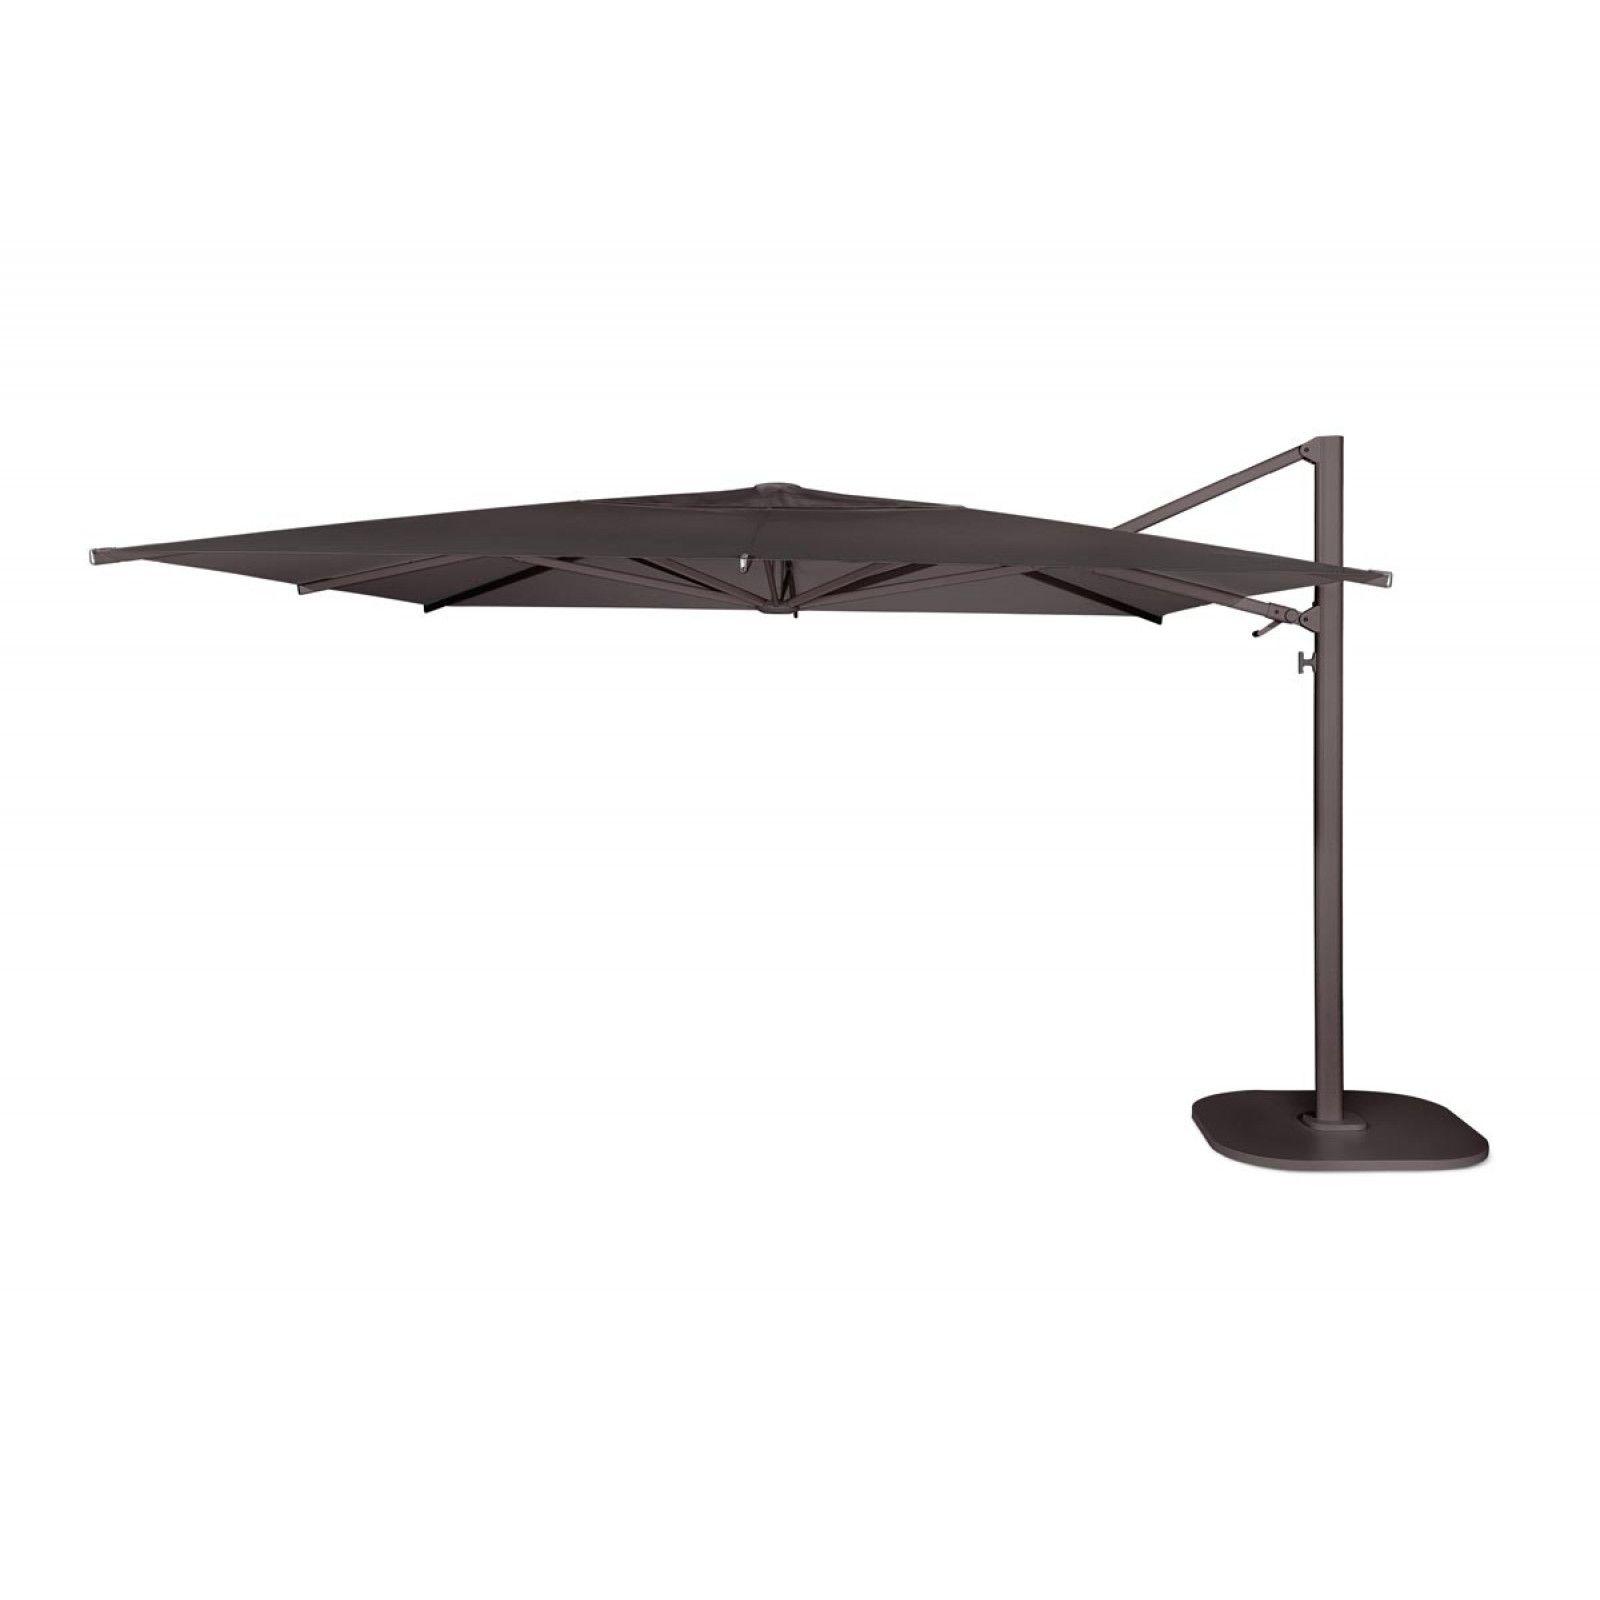 Dedon Parasol Sonnenschirm Quadratisch Inkl Schutzhulle Sonnenschirm Schutzhulle Gartenmobel